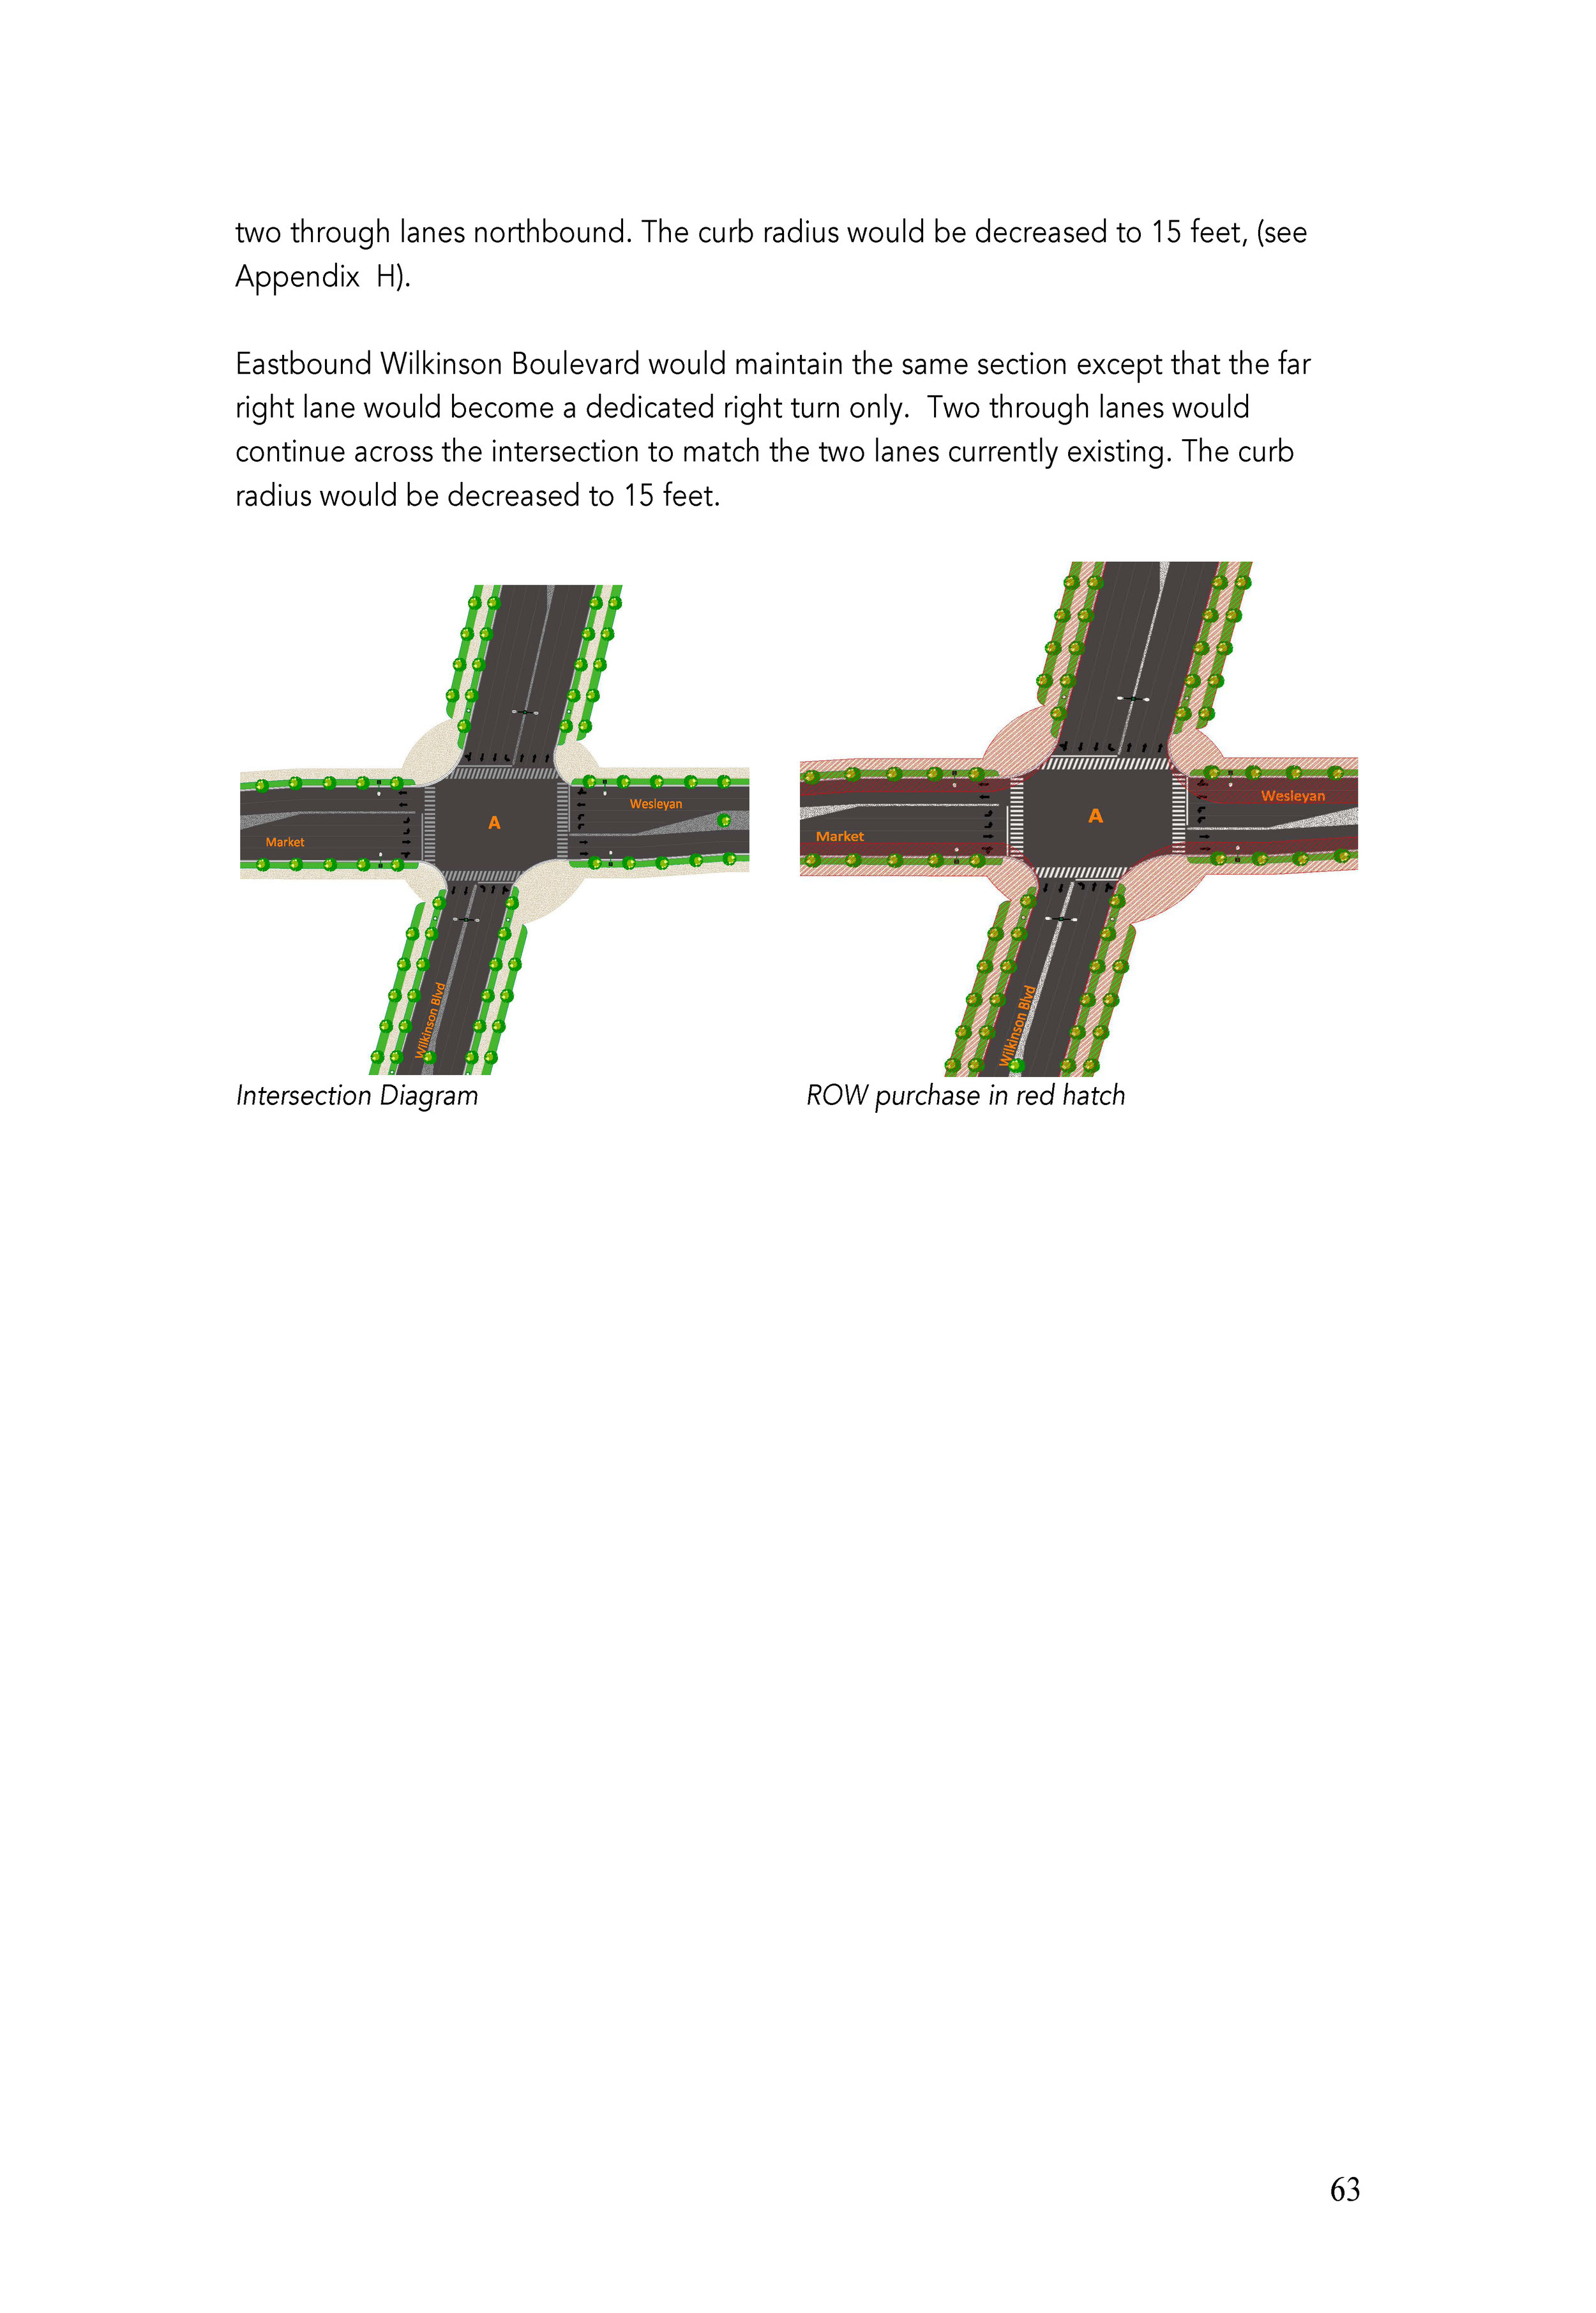 1 WilkinsonBlvd Draft Report 1-22-15 RH_Peter Edit_Page_63.jpg